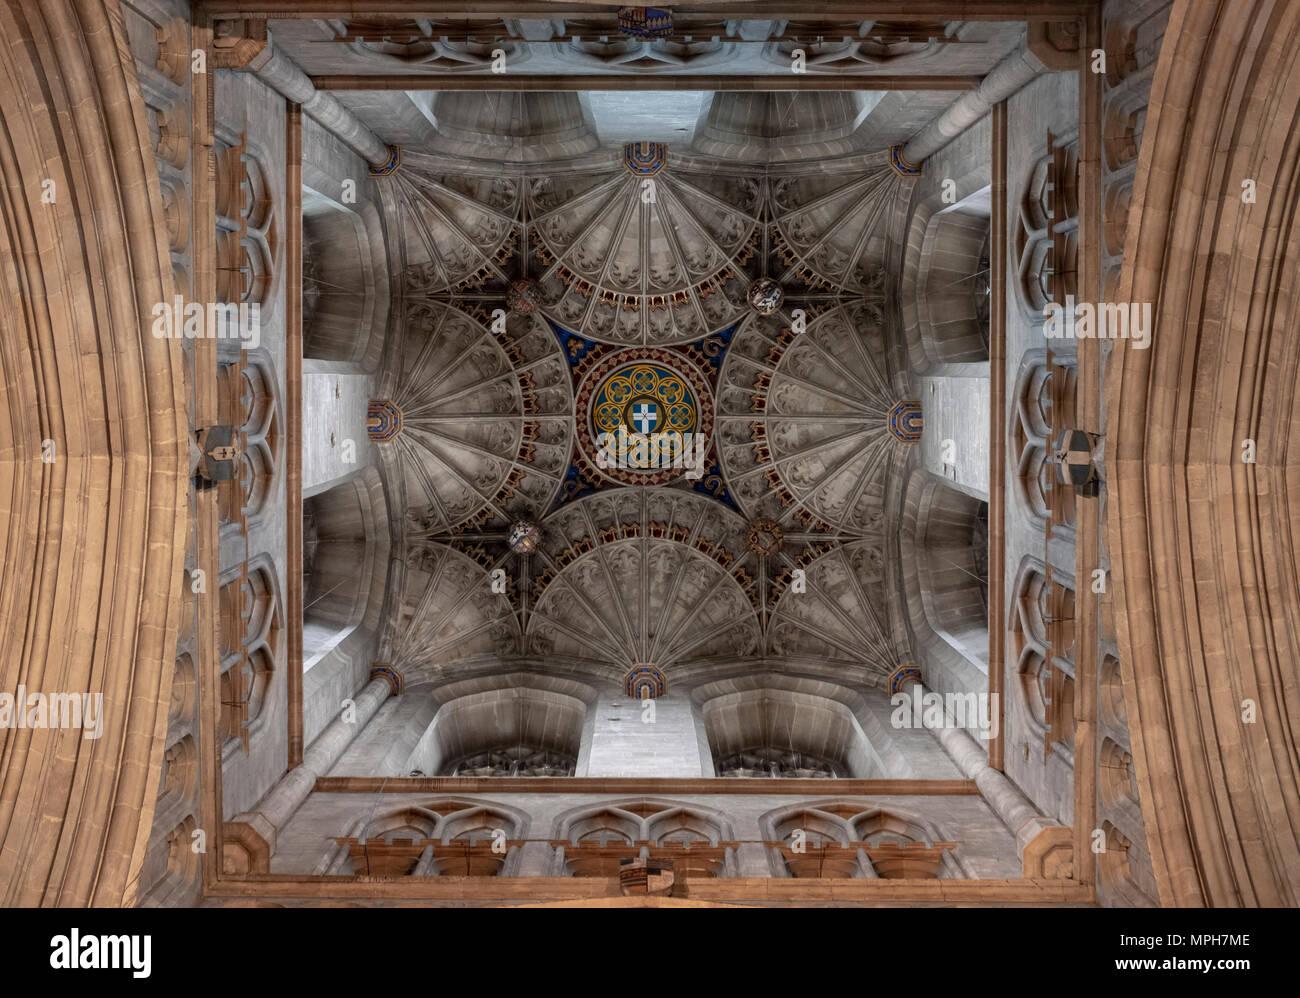 Canterbury, Cathedral, Blick in den Vierungsturm mit Fächergewölben - Stock Image